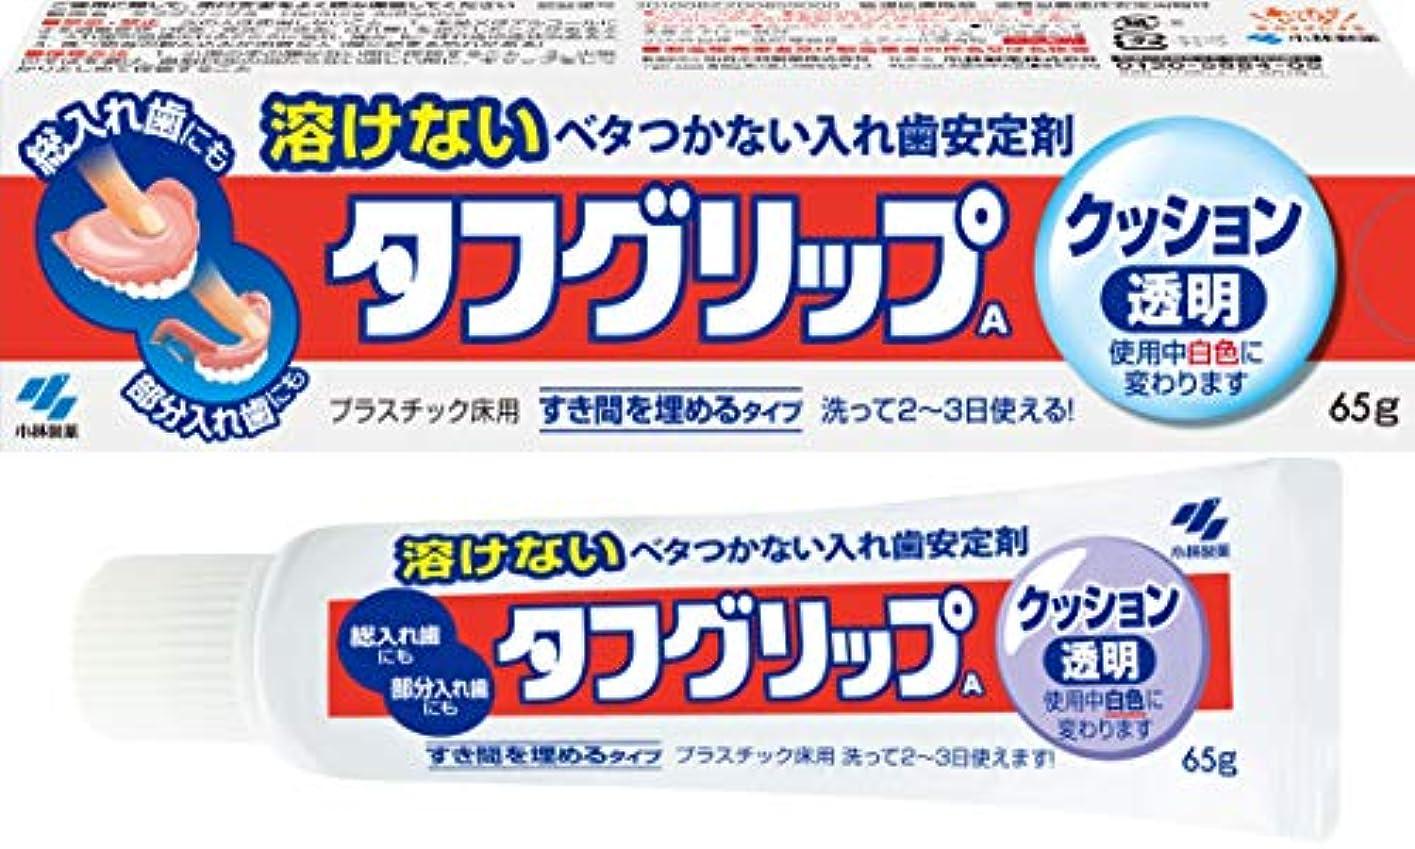 分散戦争受け取るタフグリップクッション 透明 入れ歯安定剤(総入れ歯?部分入れ歯) 65g